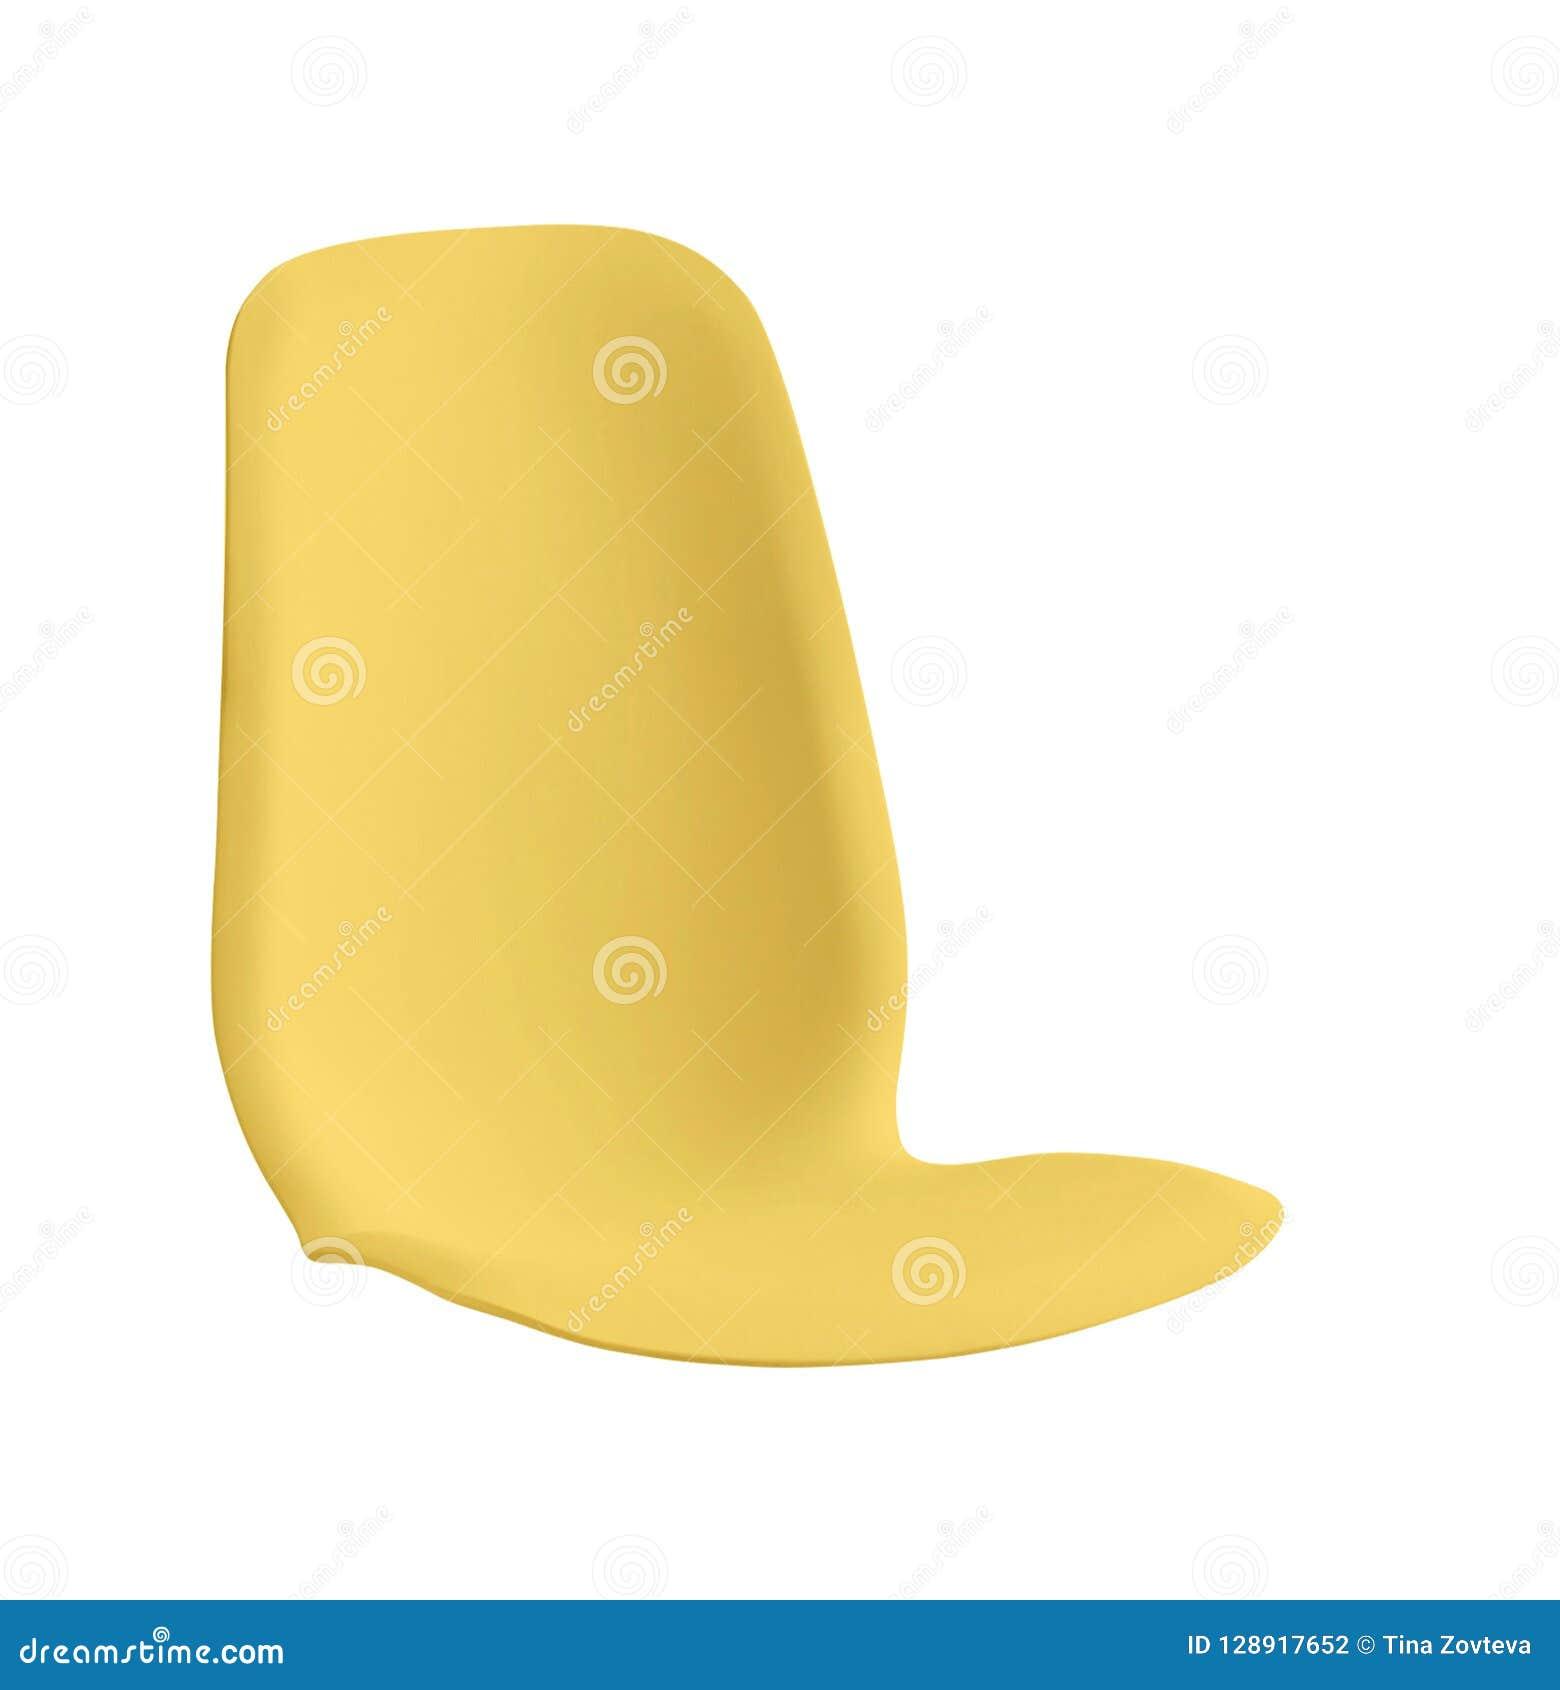 被隔绝的塑料椅子